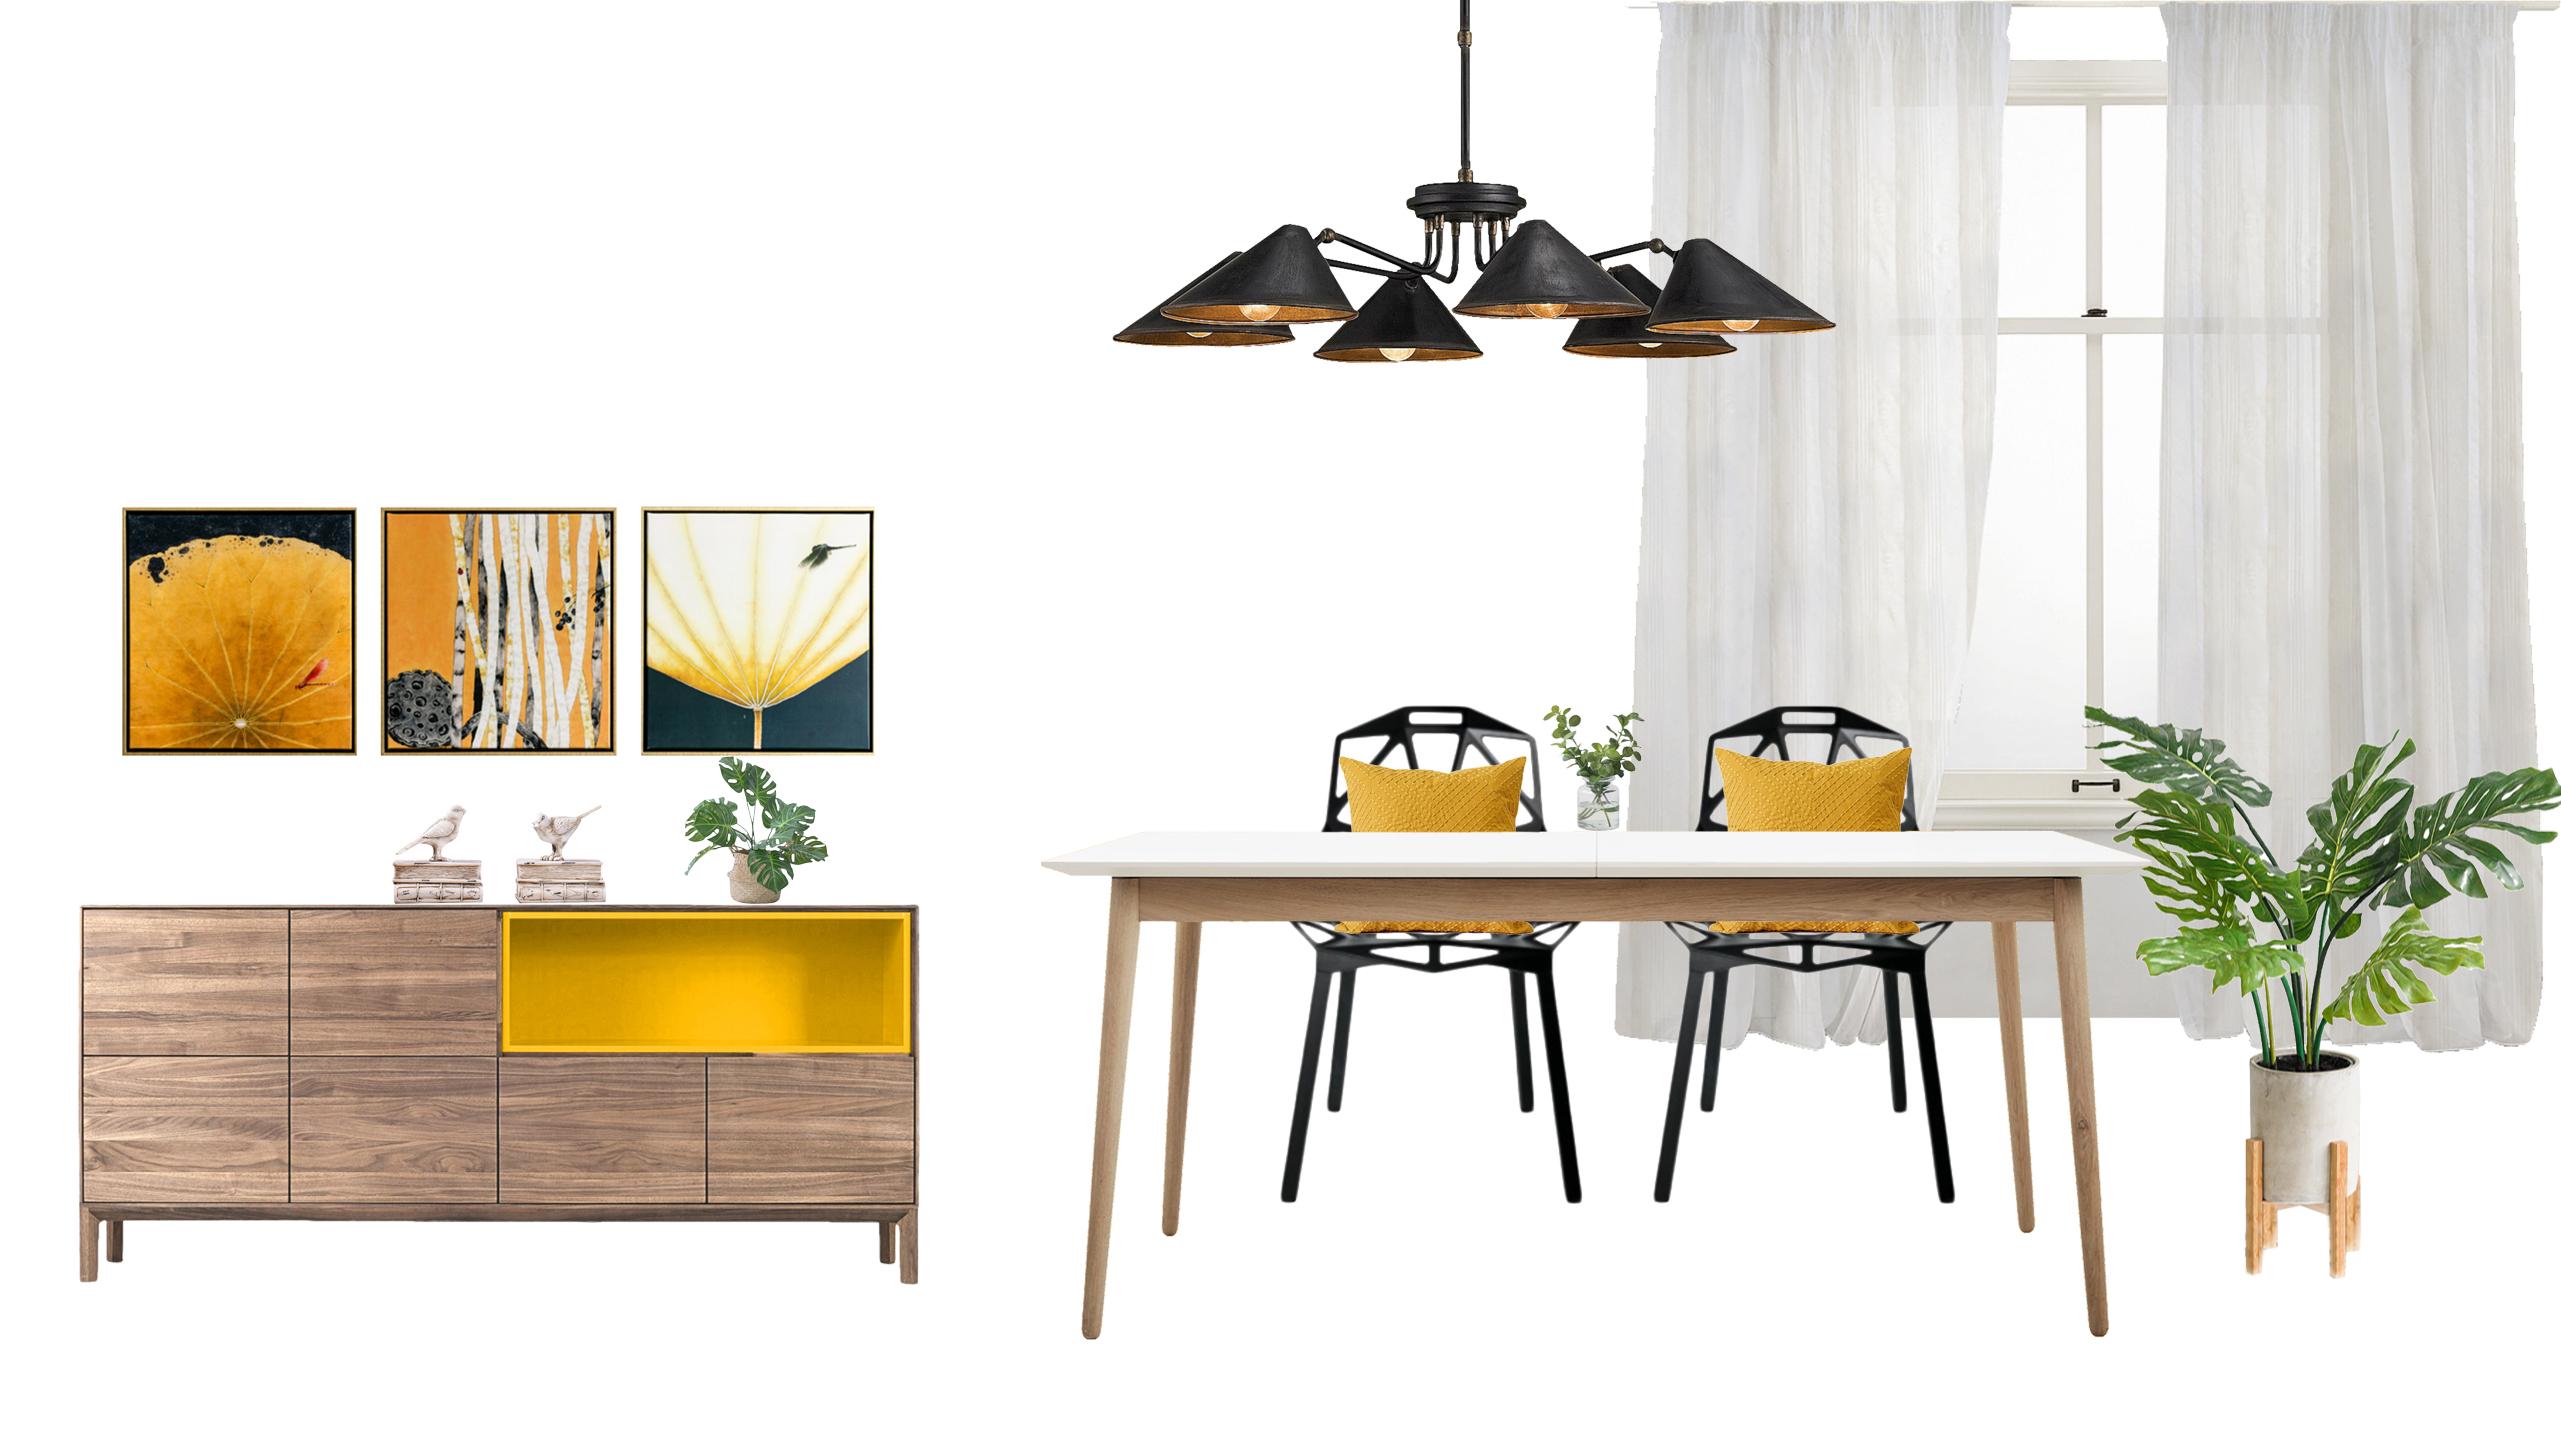 餐厅 餐桌 家具 装修 桌 桌椅 桌子 2561_1441